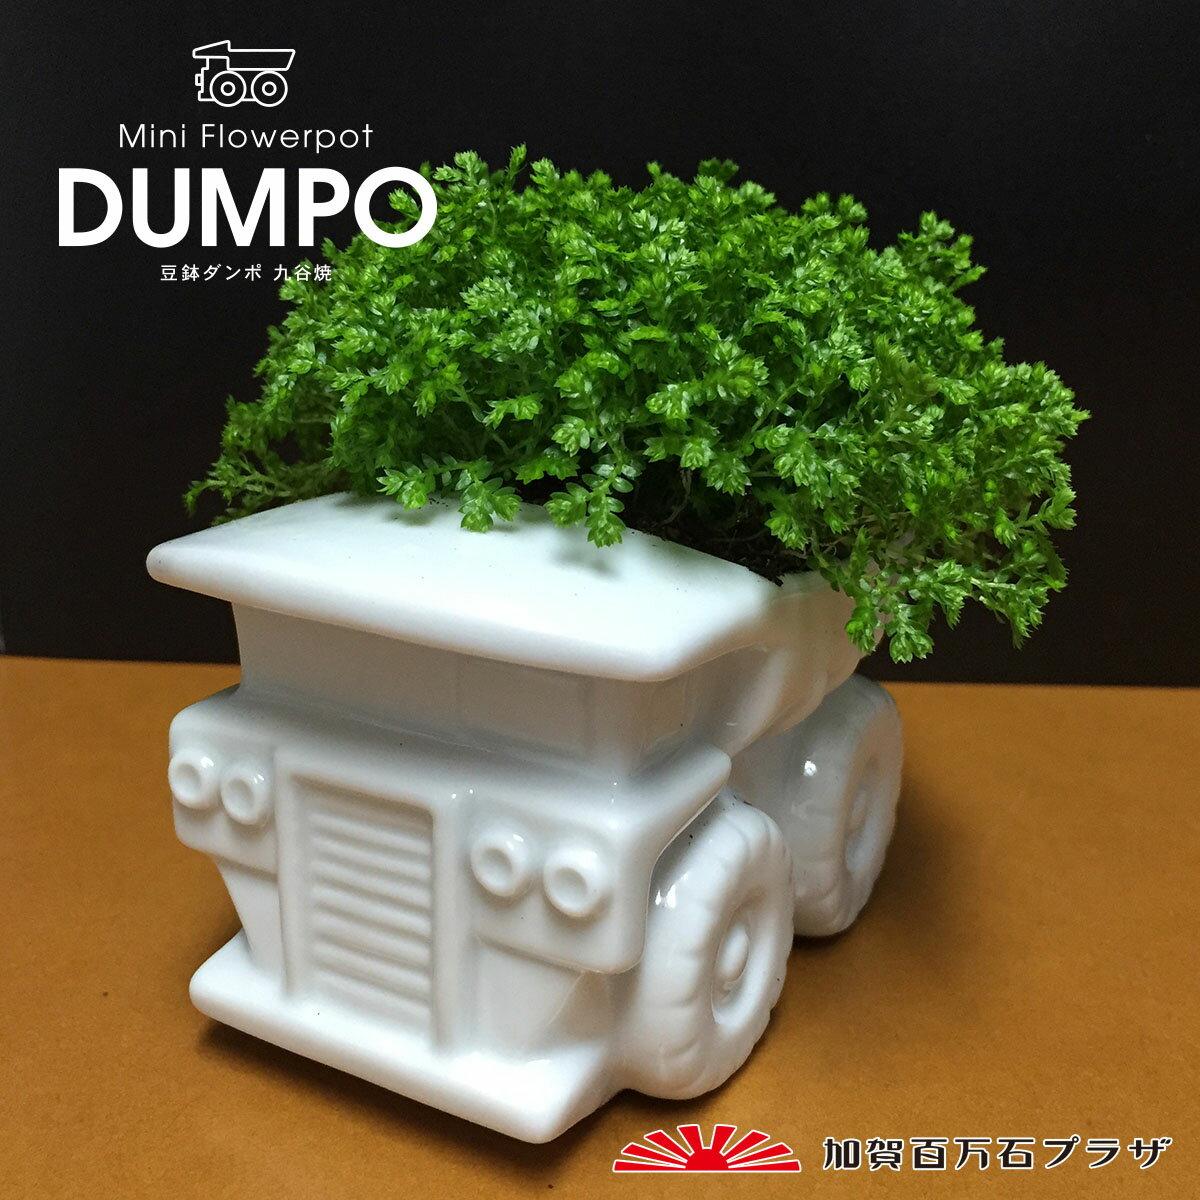 豆鉢ダンポ ダンプカー型ミニフラワーポット【九谷焼】/インテリアにも/父の日ギフト